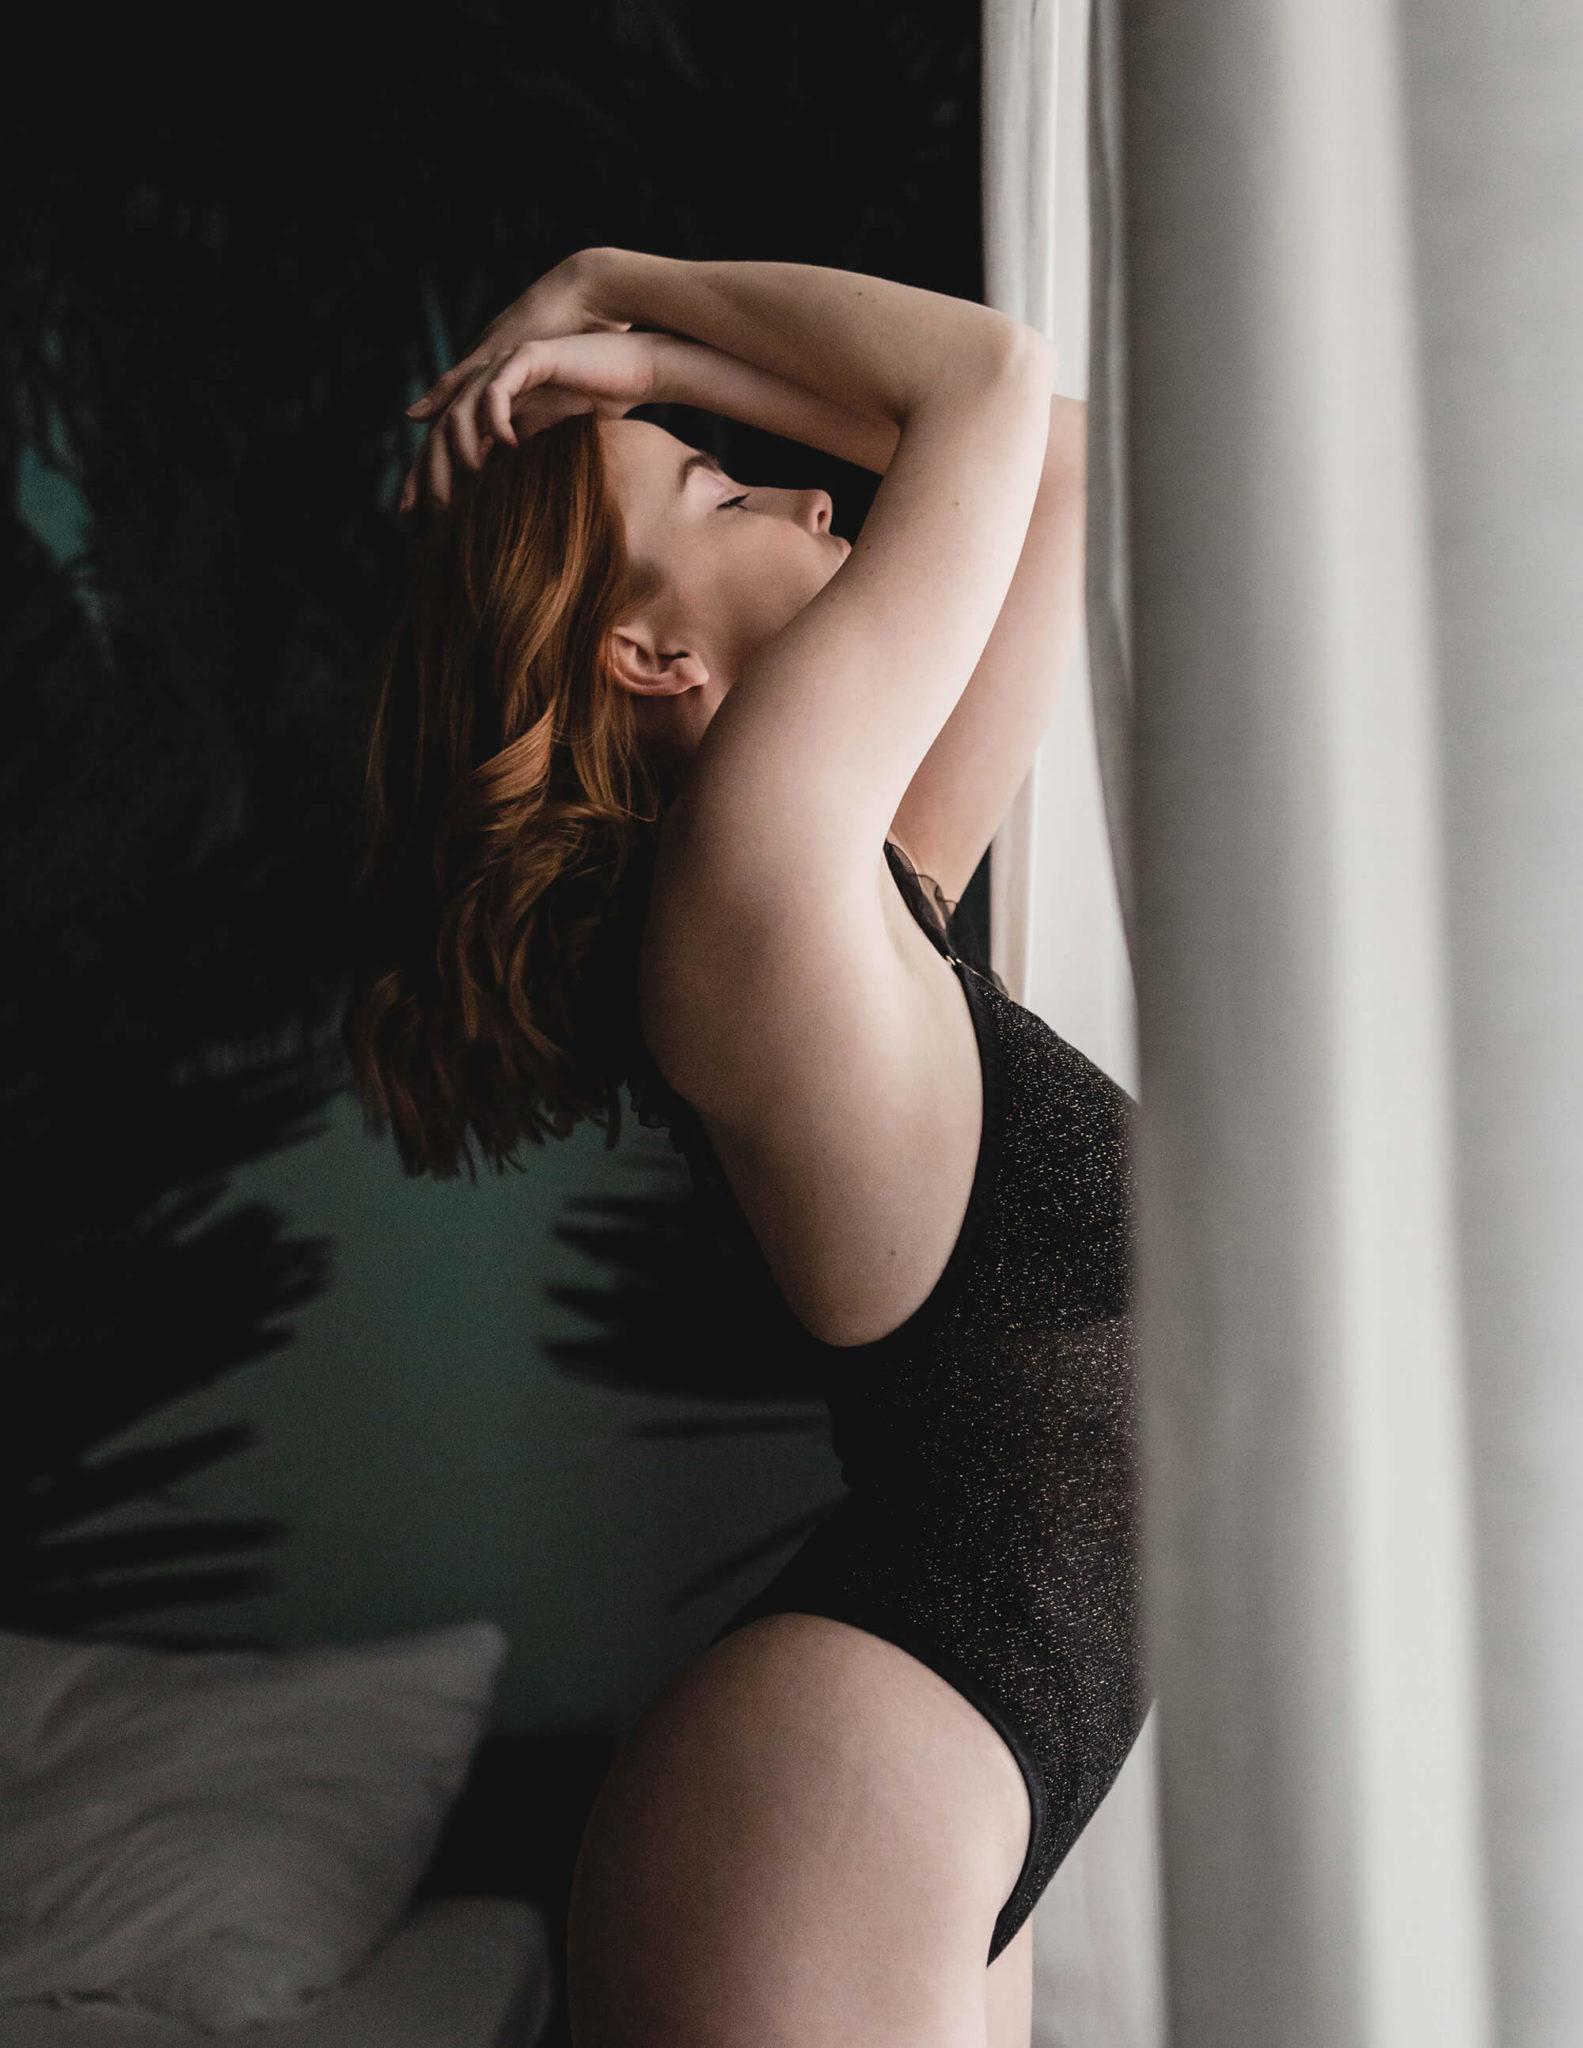 Modelka stoi przy oknie